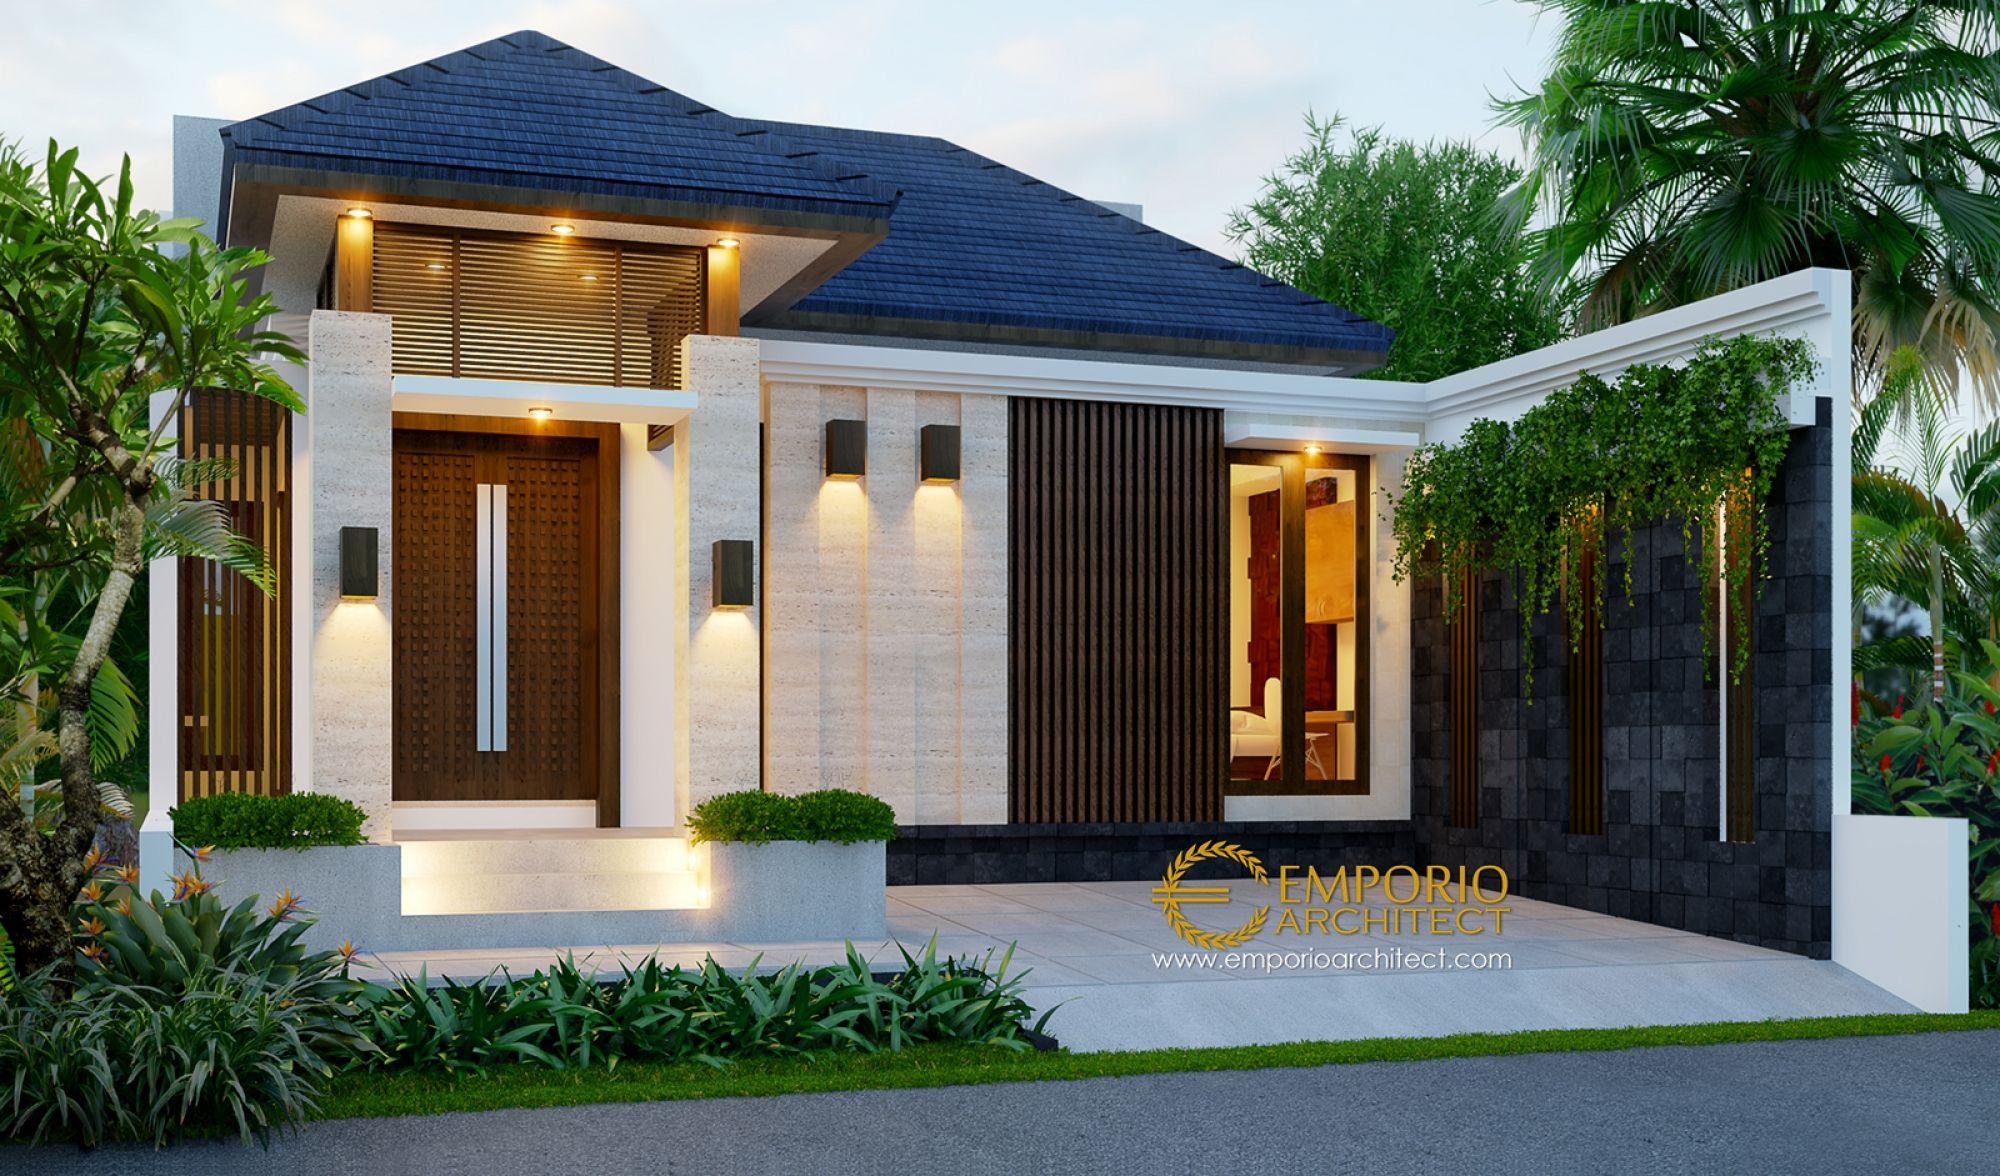 Jasa Arsitek Bekasi Desain Rumah Bapak Bagus Jasa arsitek